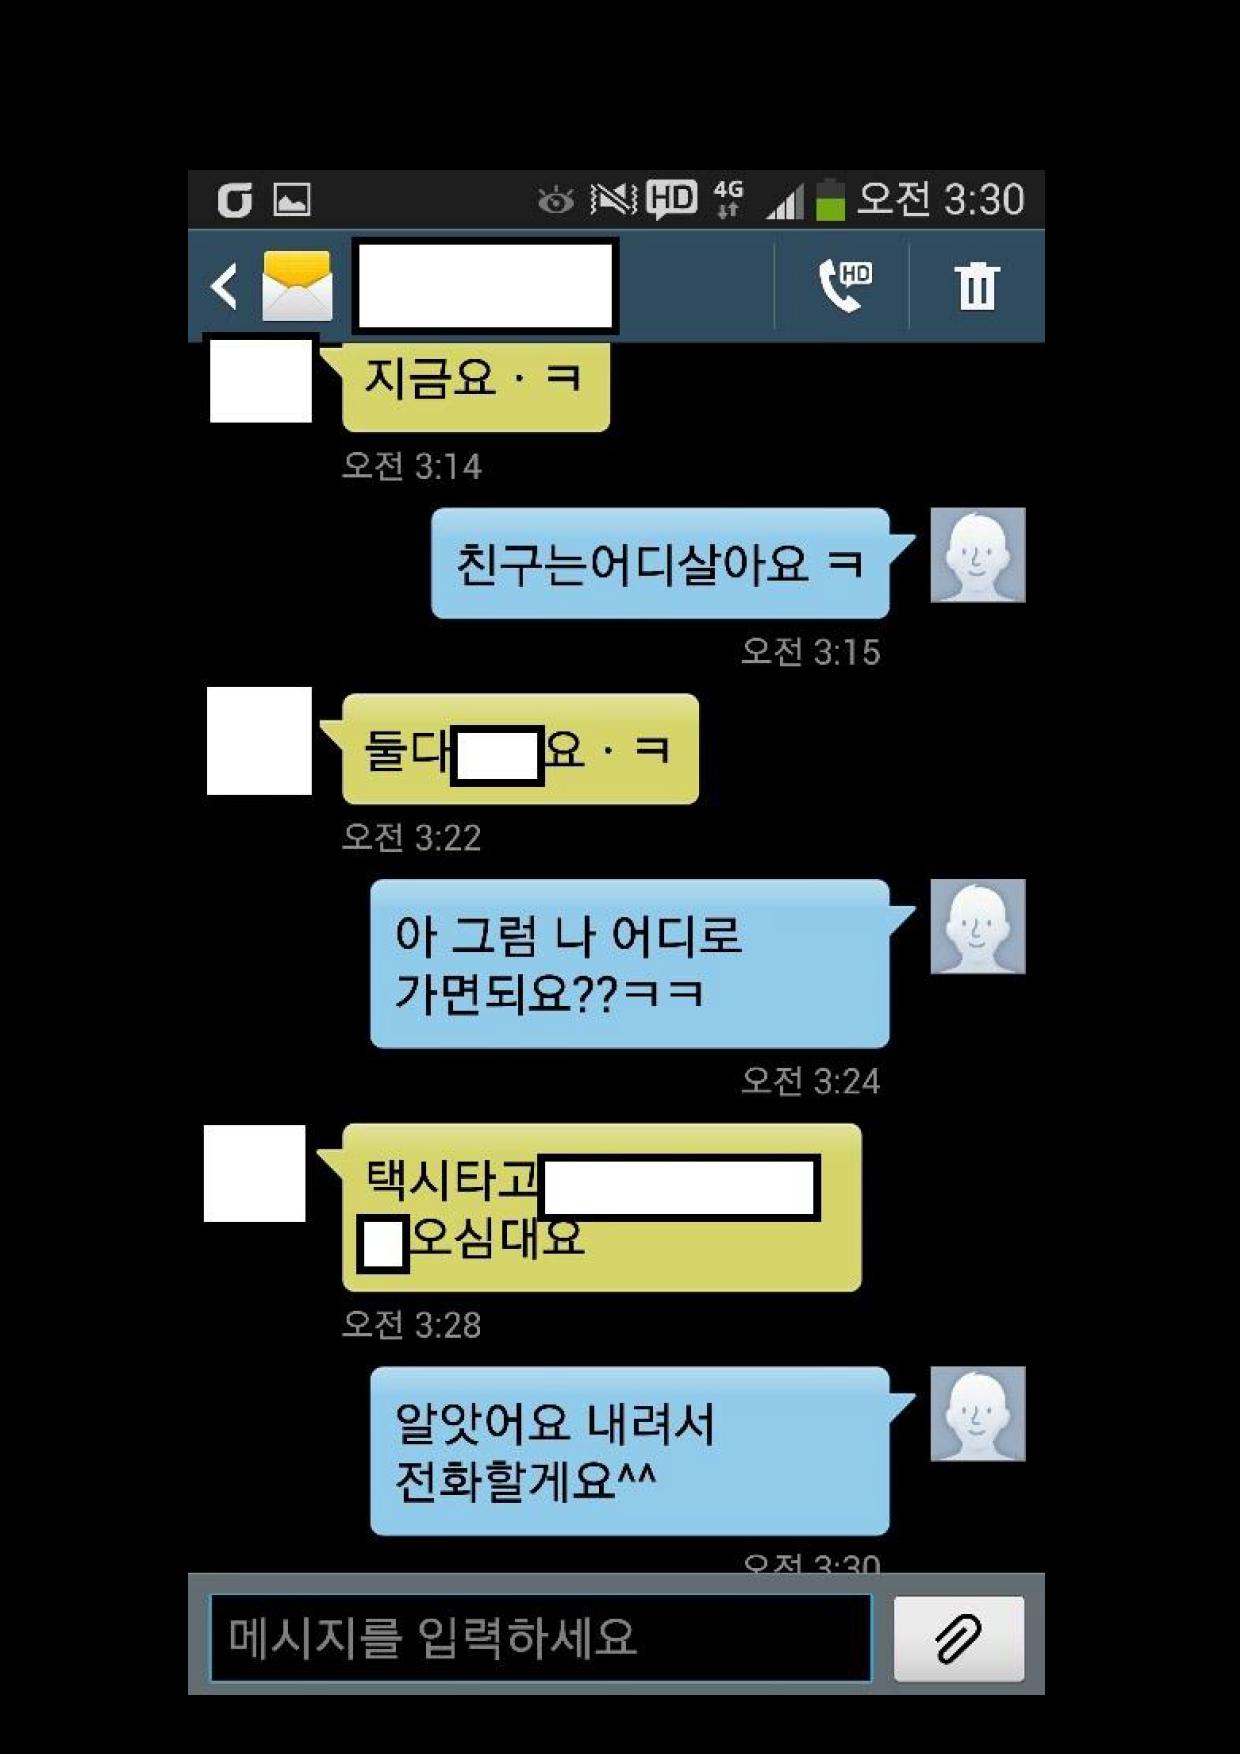 본 머티리어 1회차 홍보글(폰트 포함)_32.png